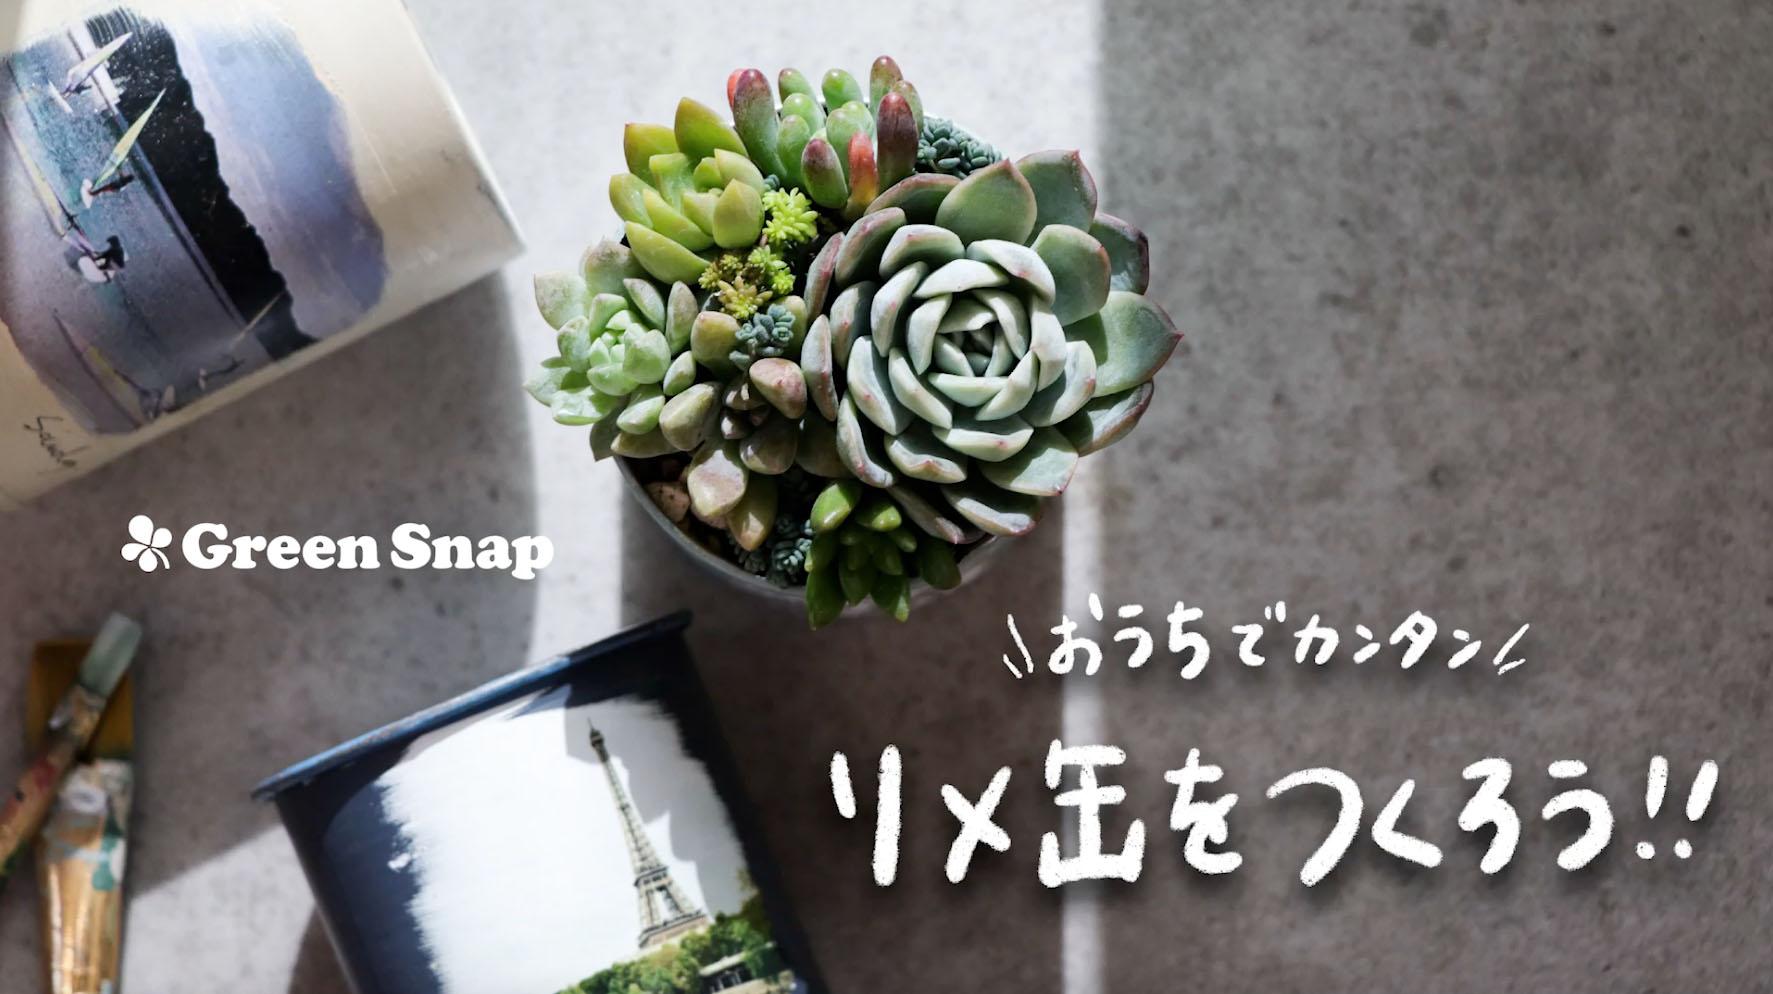 植物アプリ「GreenSnap」がYouTubeチャンネルを開設!おうちでもみどりの育て方を学べるYouTube LIVEも開催予定。